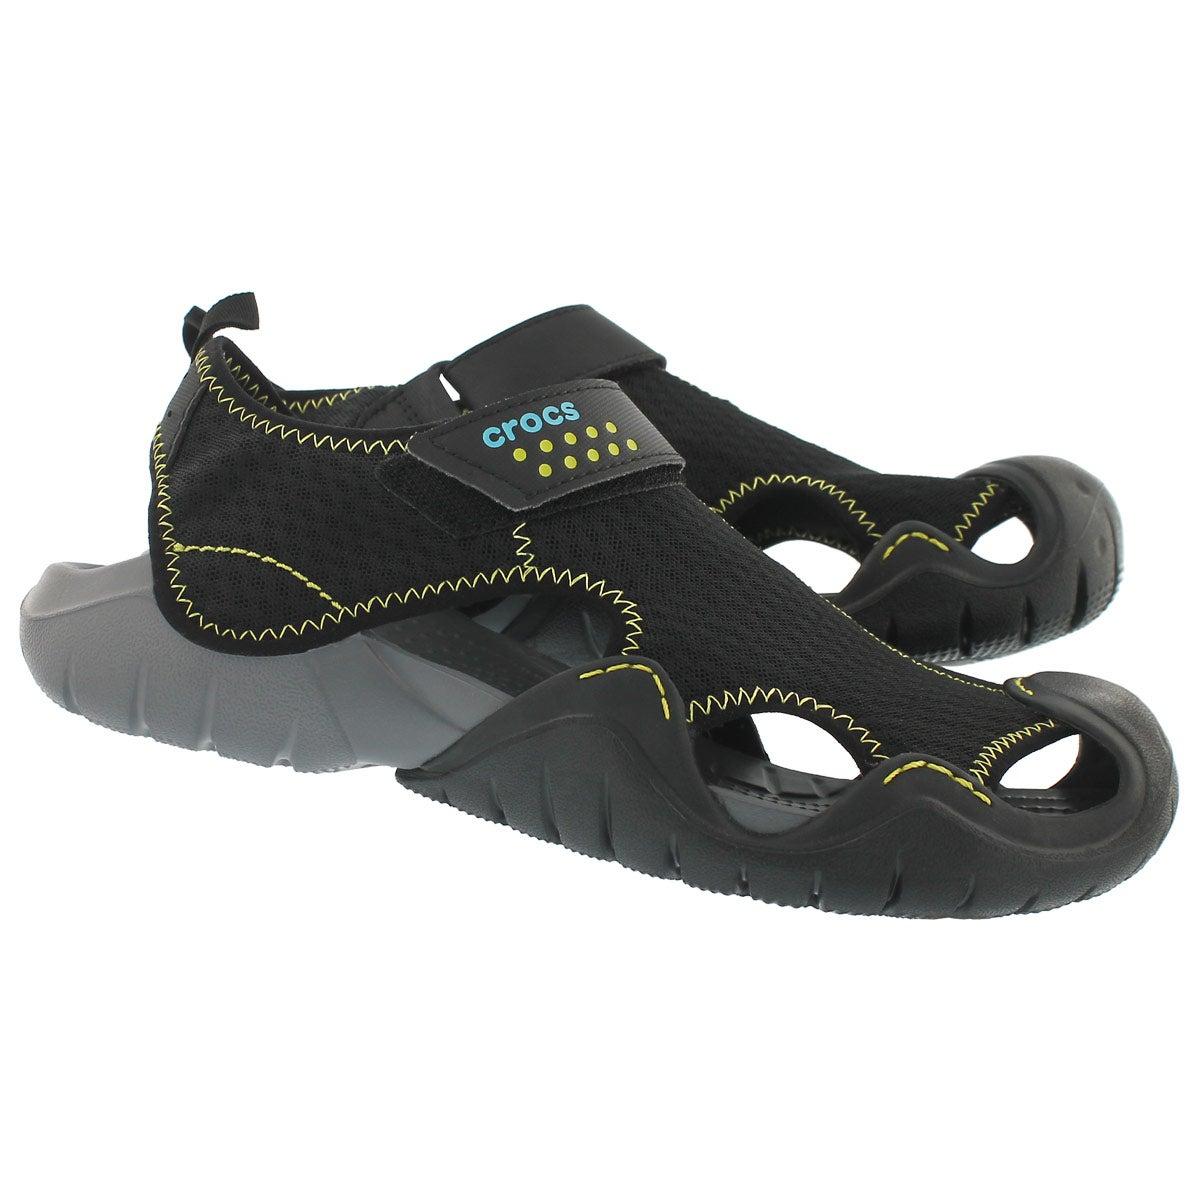 Mns Swiftwater blk/char fisherman sandal